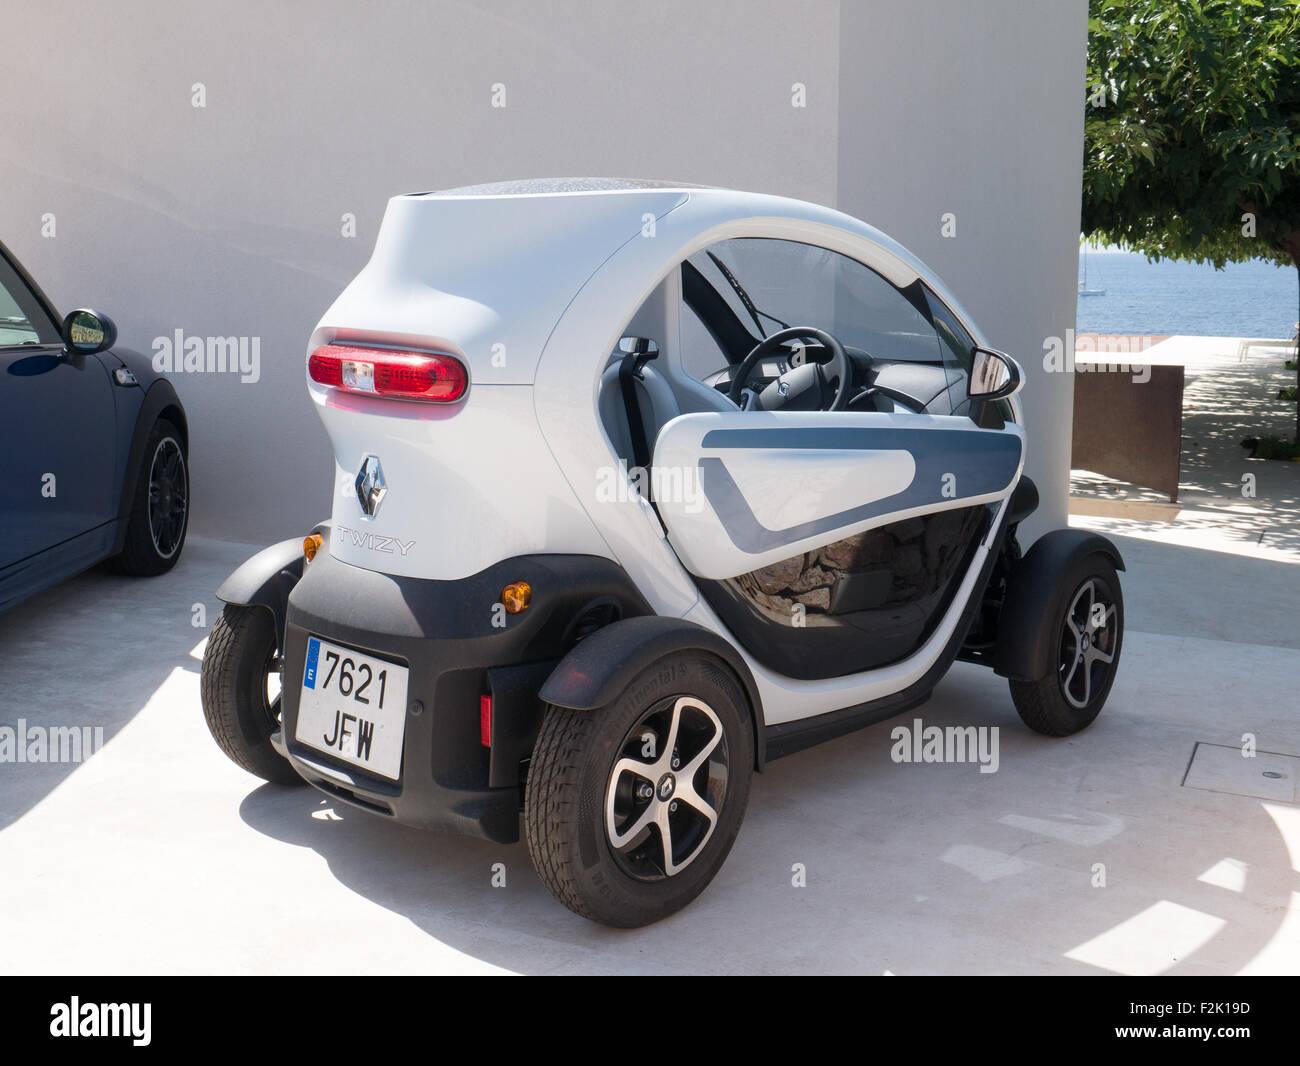 La Renault Twizy auto elettriche Immagini Stock